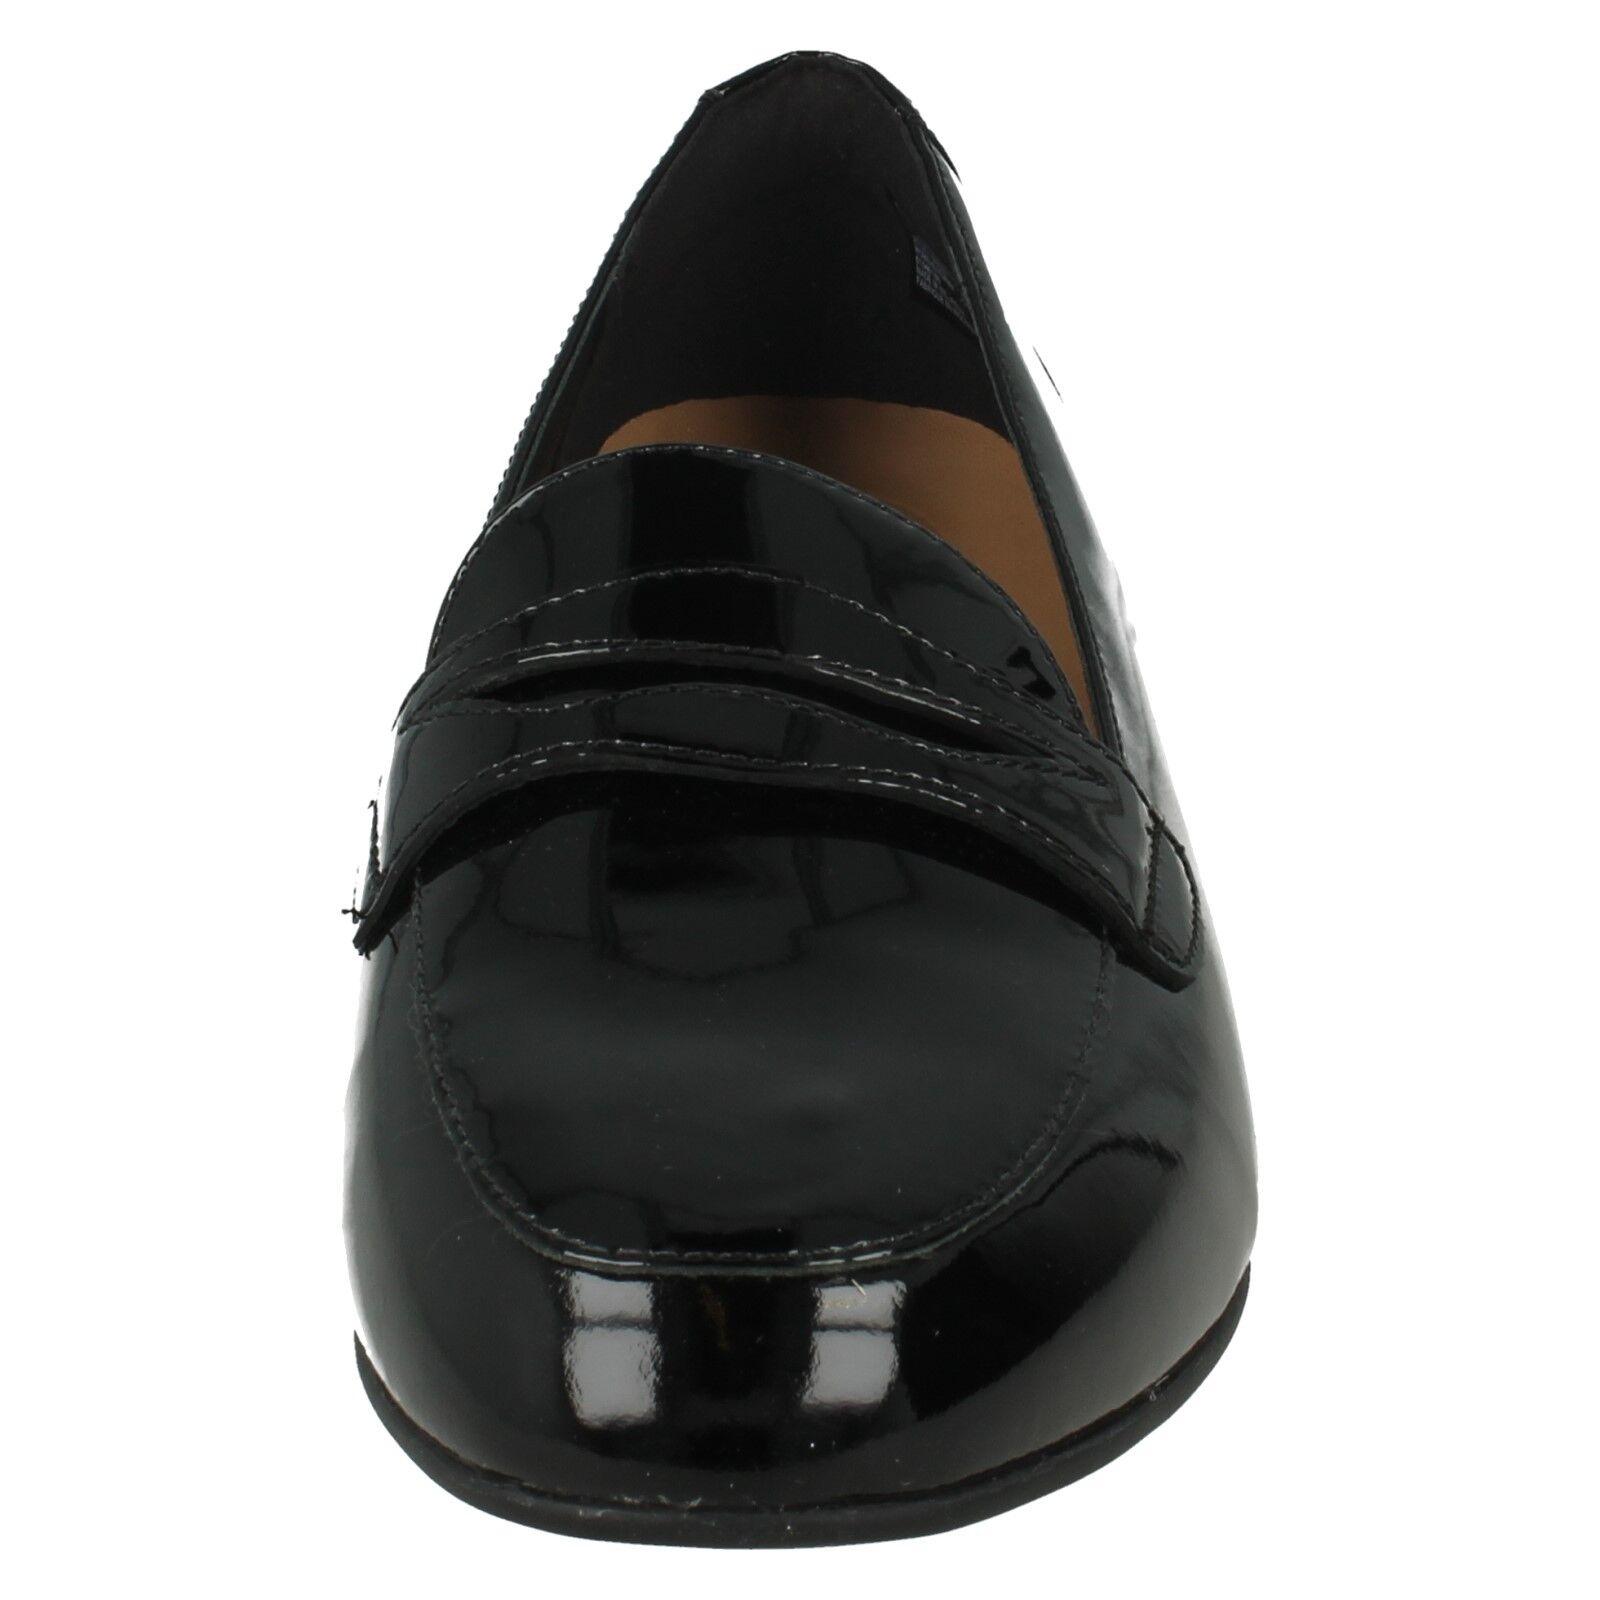 UN LADIES BLUSH GO UNSTRUCTUROT CLARKS LADIES UN SLIP ON LOAFERS PATENT Schuhe SMART PUMPS 5de1d8